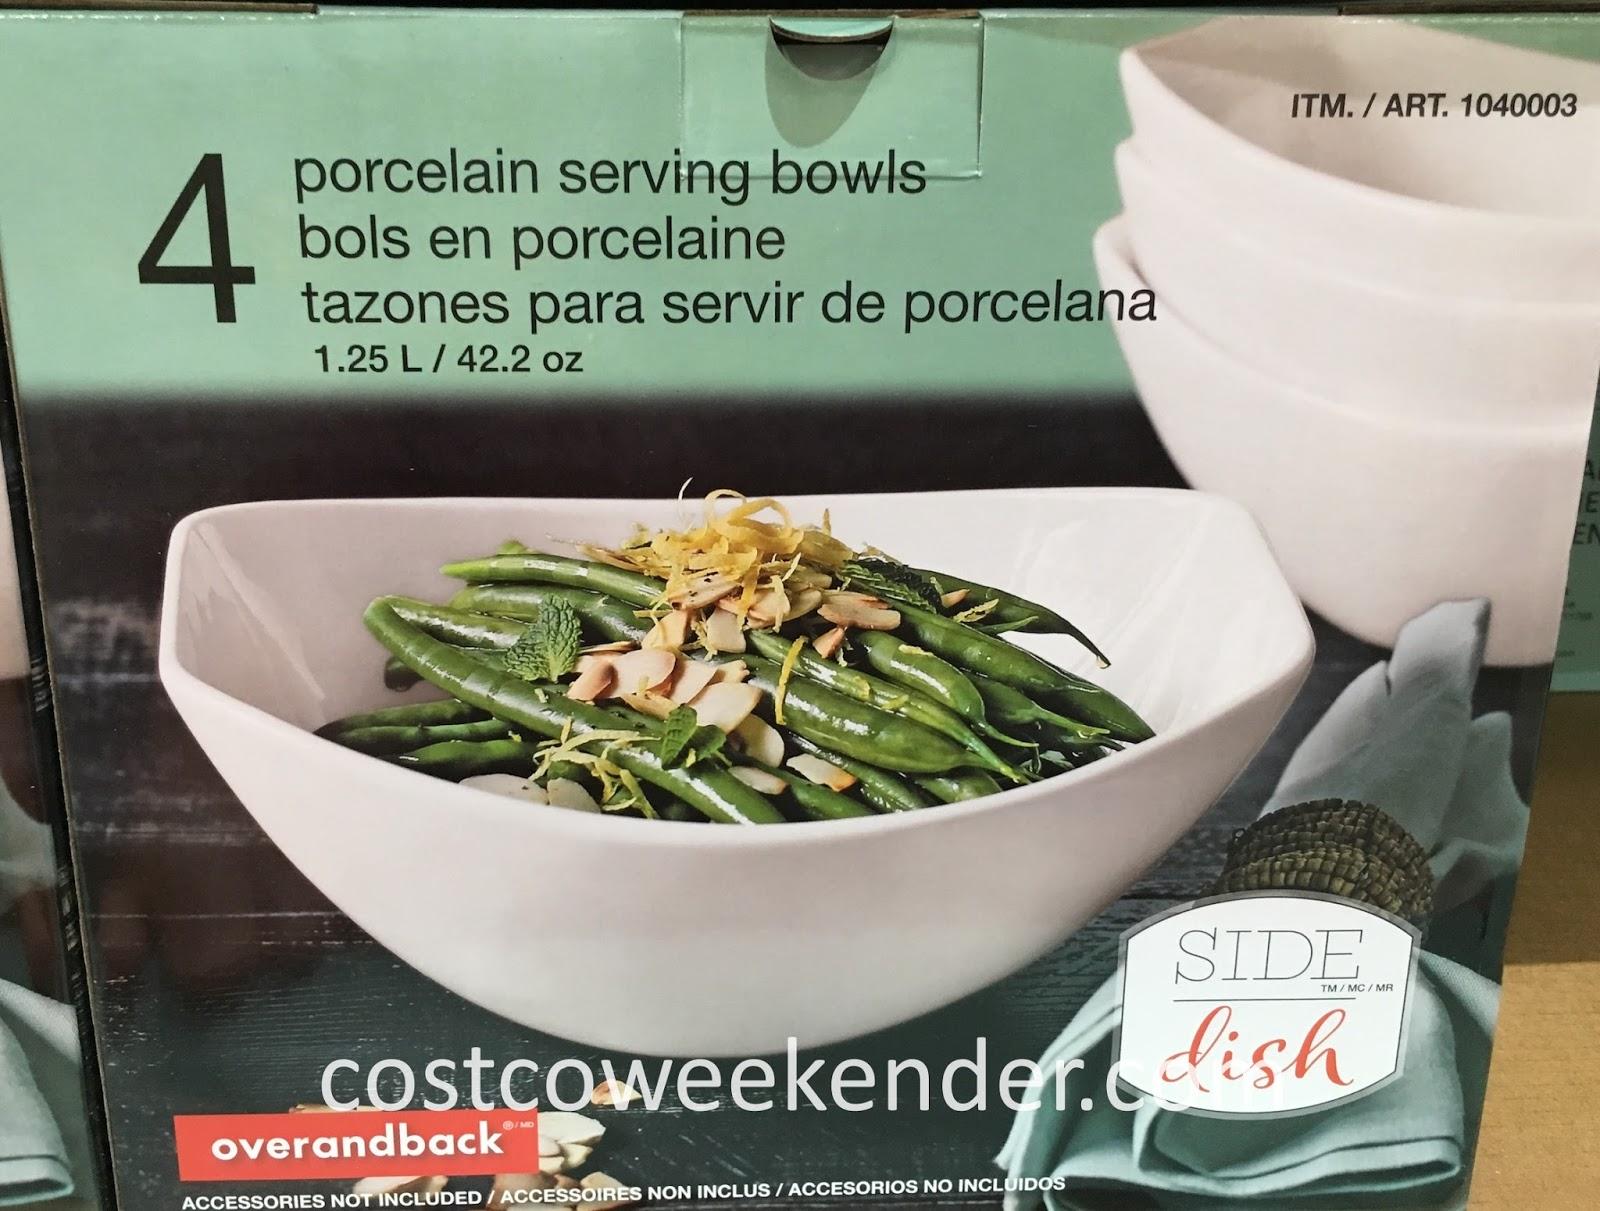 Serve delicious food in a overandback Porcelain Serving Bowl